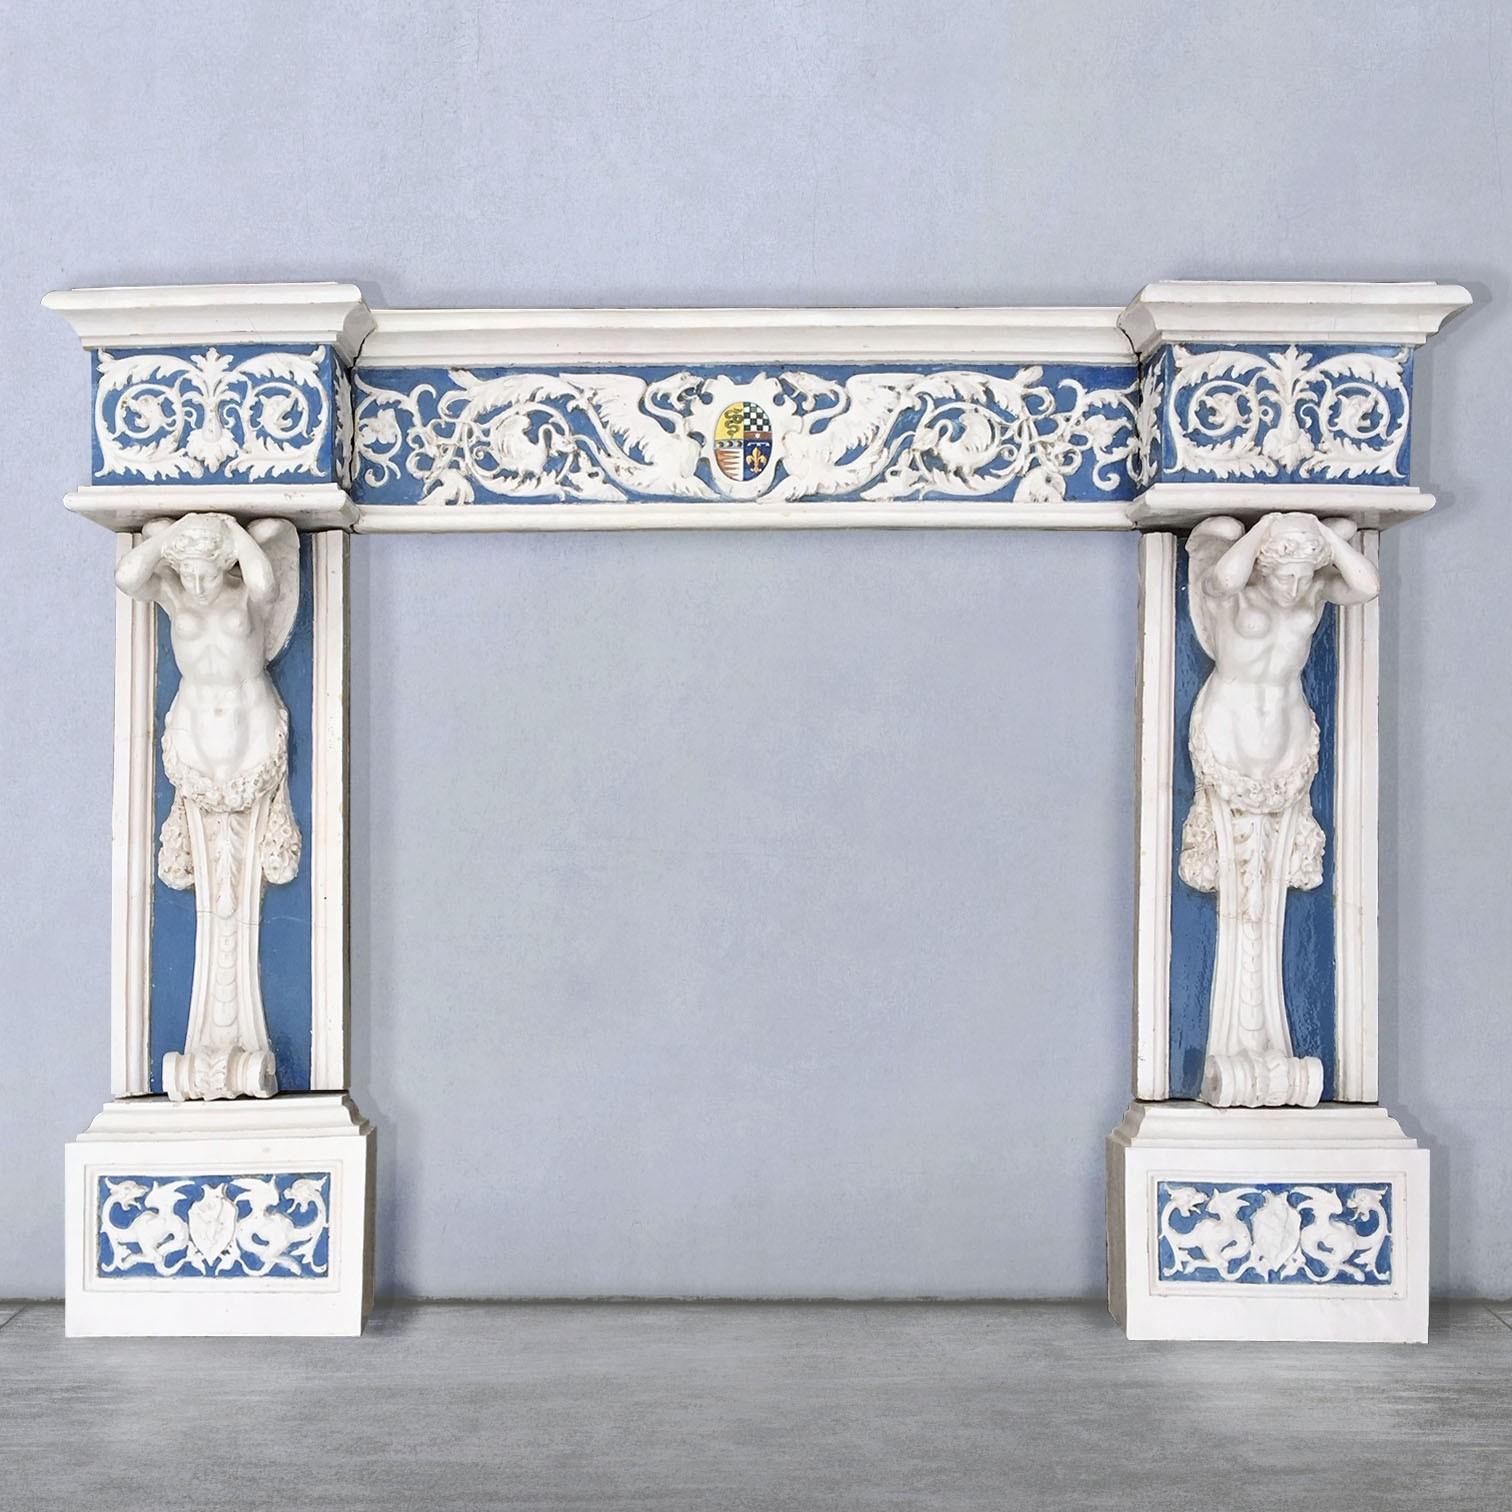 Cantagalli schouw 19e eeuw aardewerk Della Robbia stijl